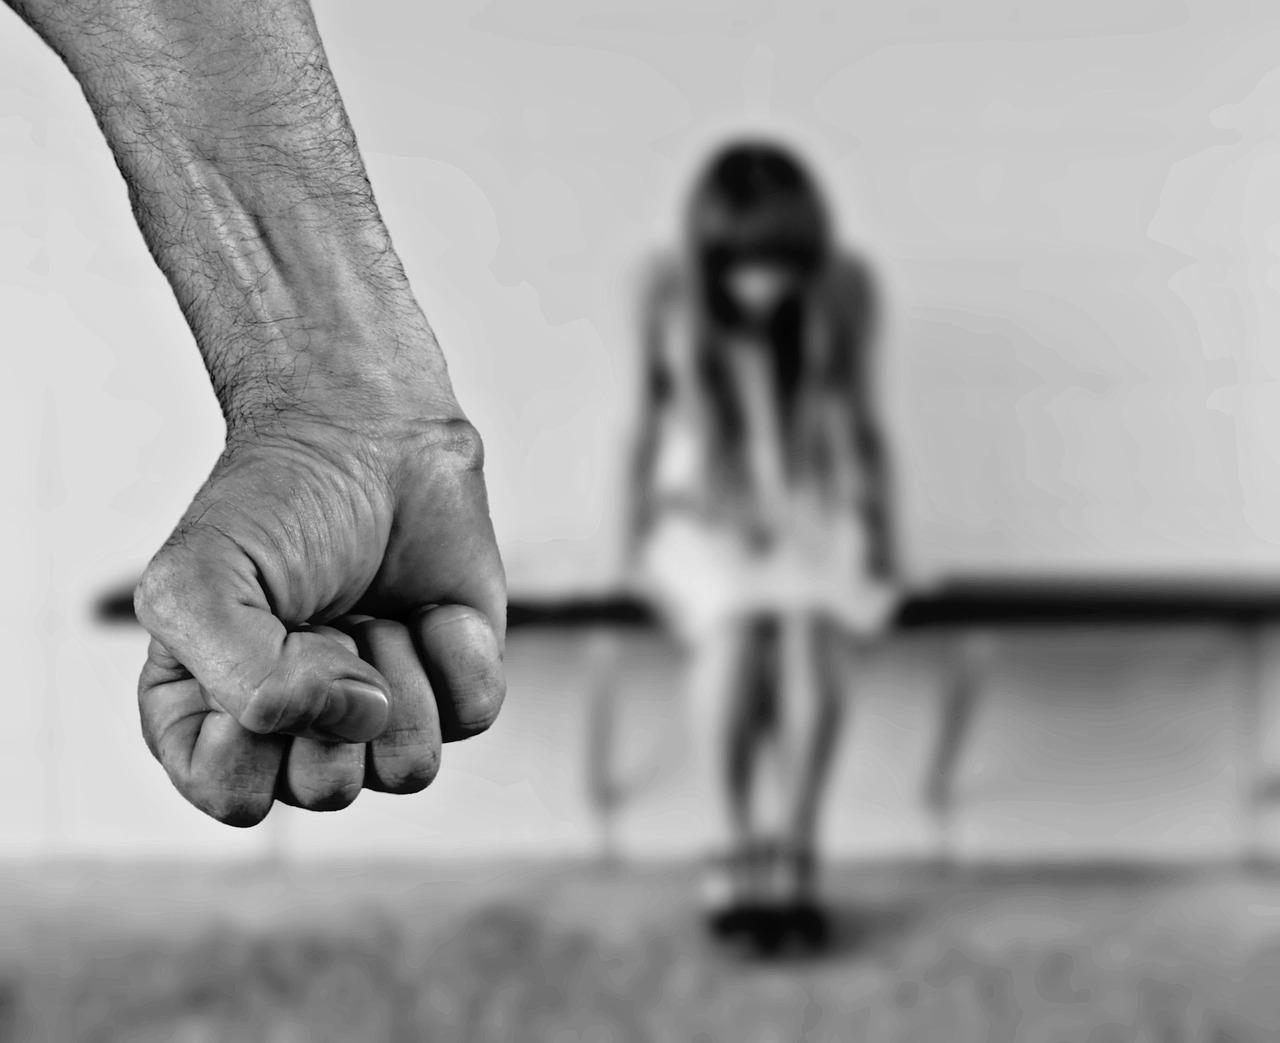 Violència dona